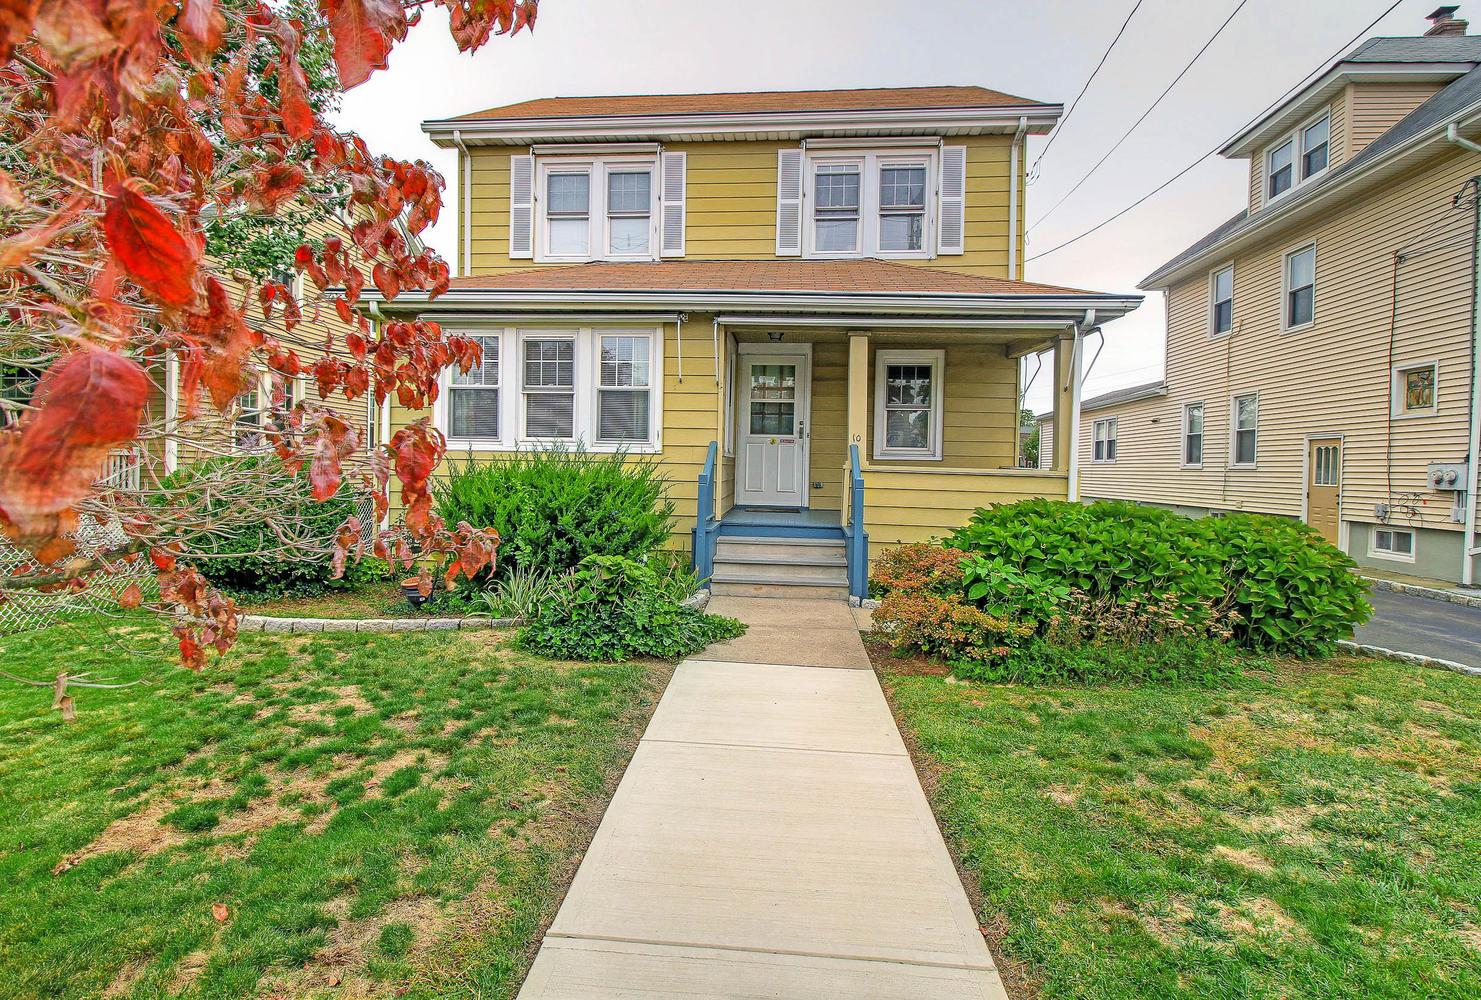 Maison unifamiliale pour l Vente à Lovingly Cared For Home in Convenient East Norwalk Location 10 Edlie Avenue Norwalk, Connecticut, 06855 États-Unis